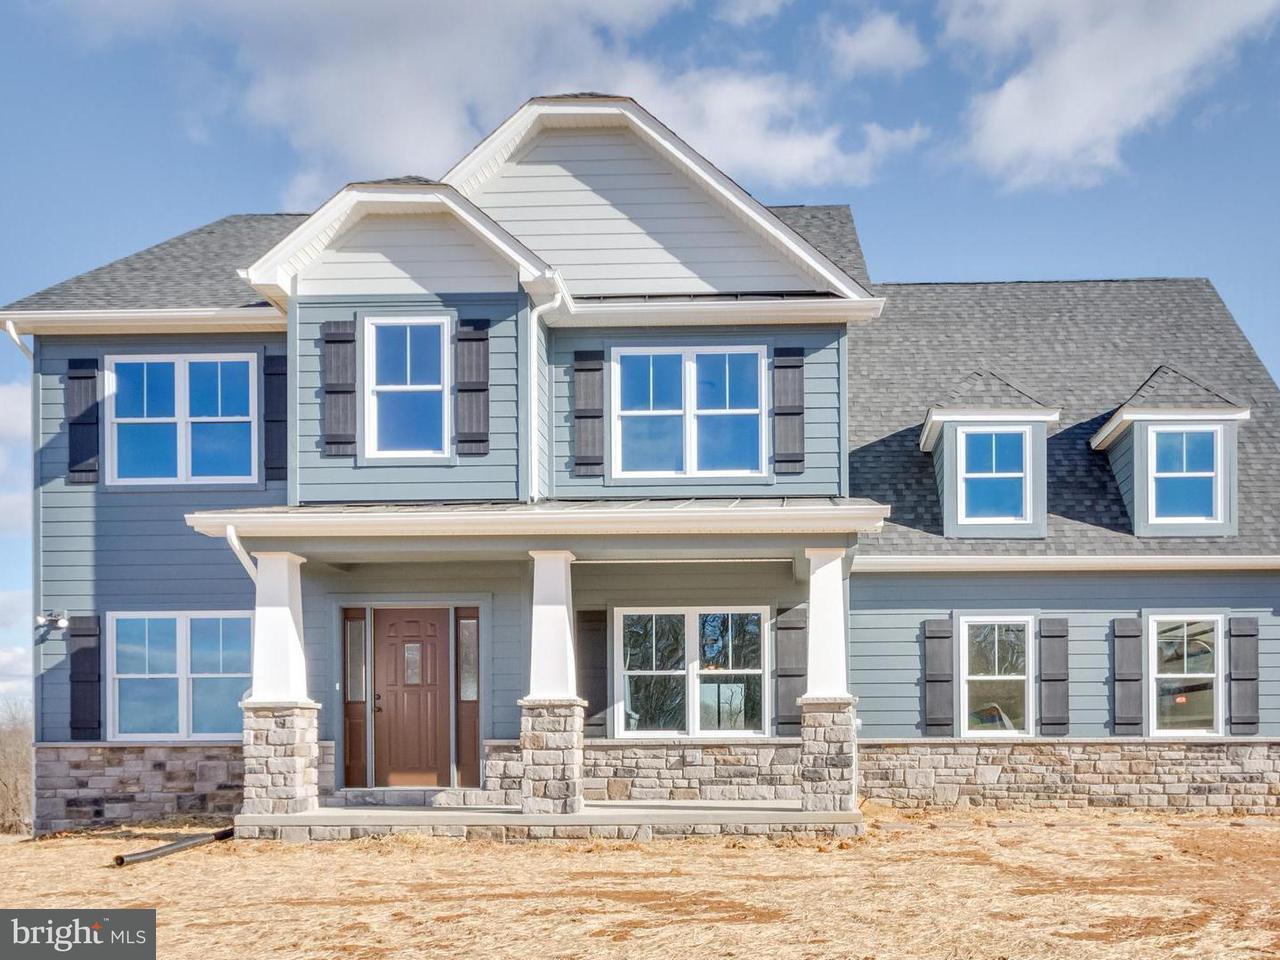 独户住宅 为 销售 在 6897 GREEN HILL FARM Lane 6897 GREEN HILL FARM Lane Shepherdstown, 西弗吉尼亚州 25443 美国